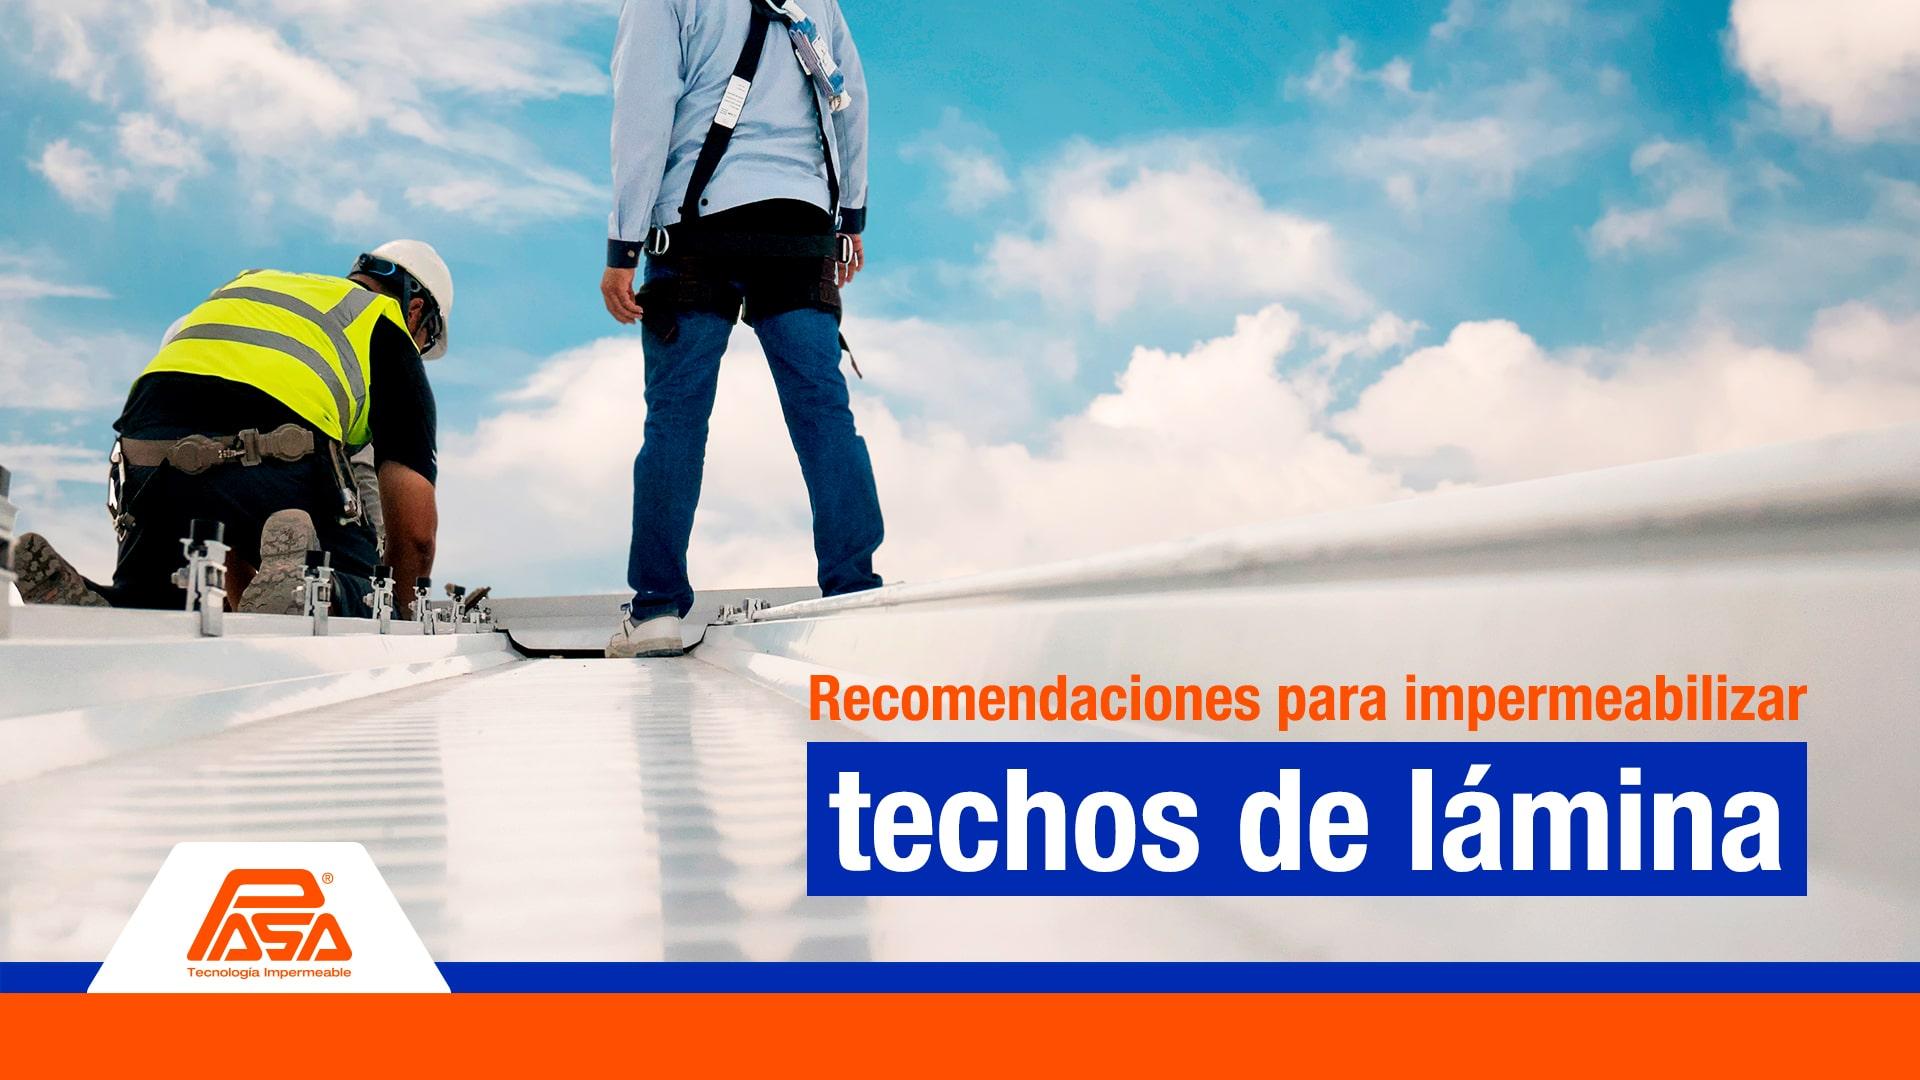 Pasos y recomendaciones para impermeabilizar techos de lámina